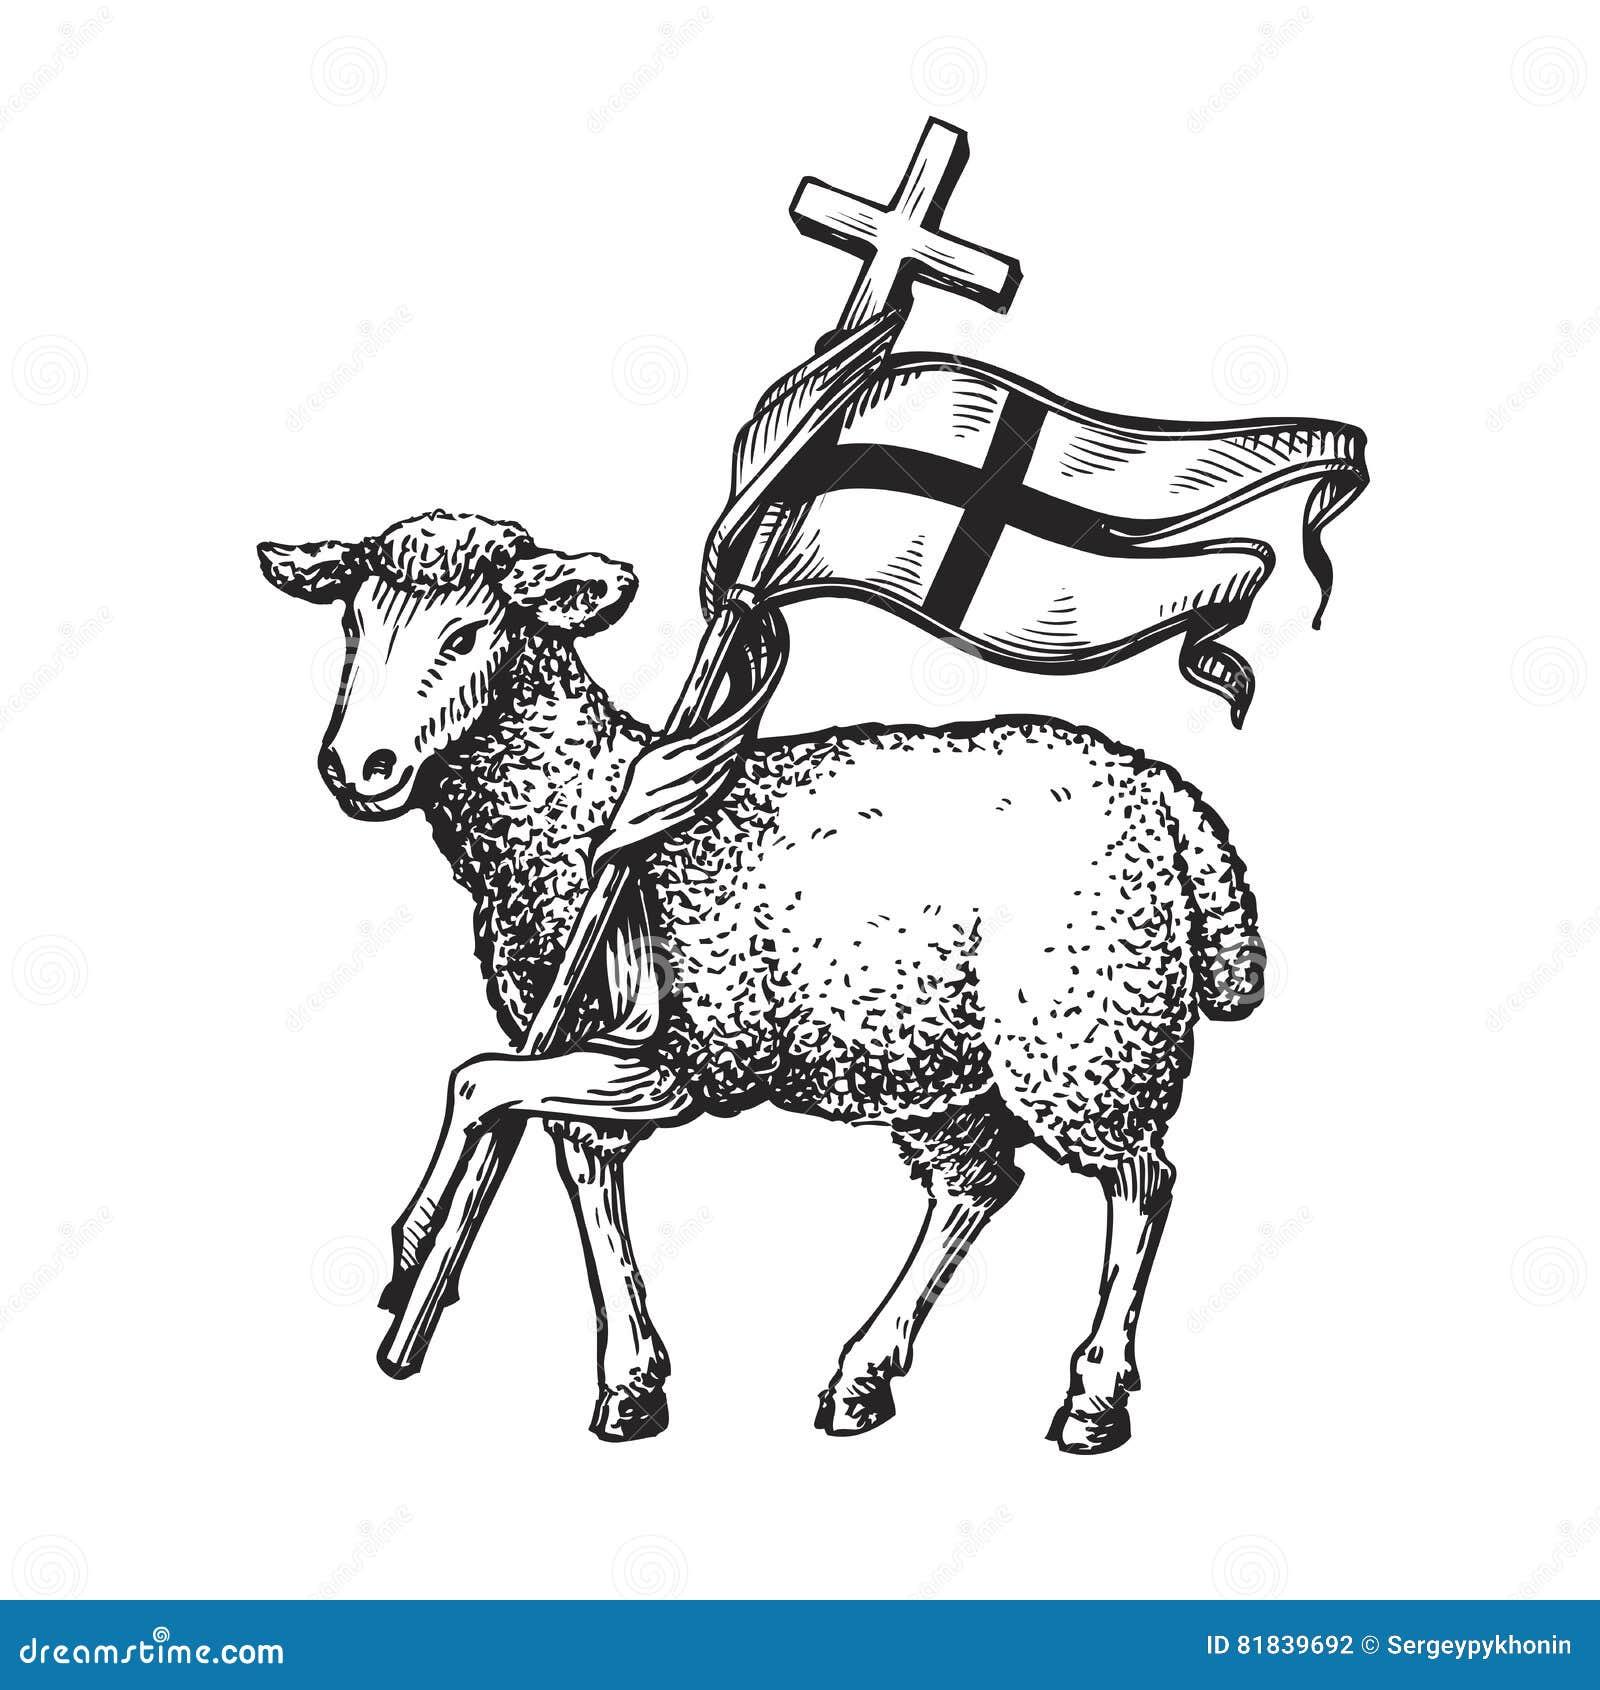 lamb with cross religion symbol sketch vector